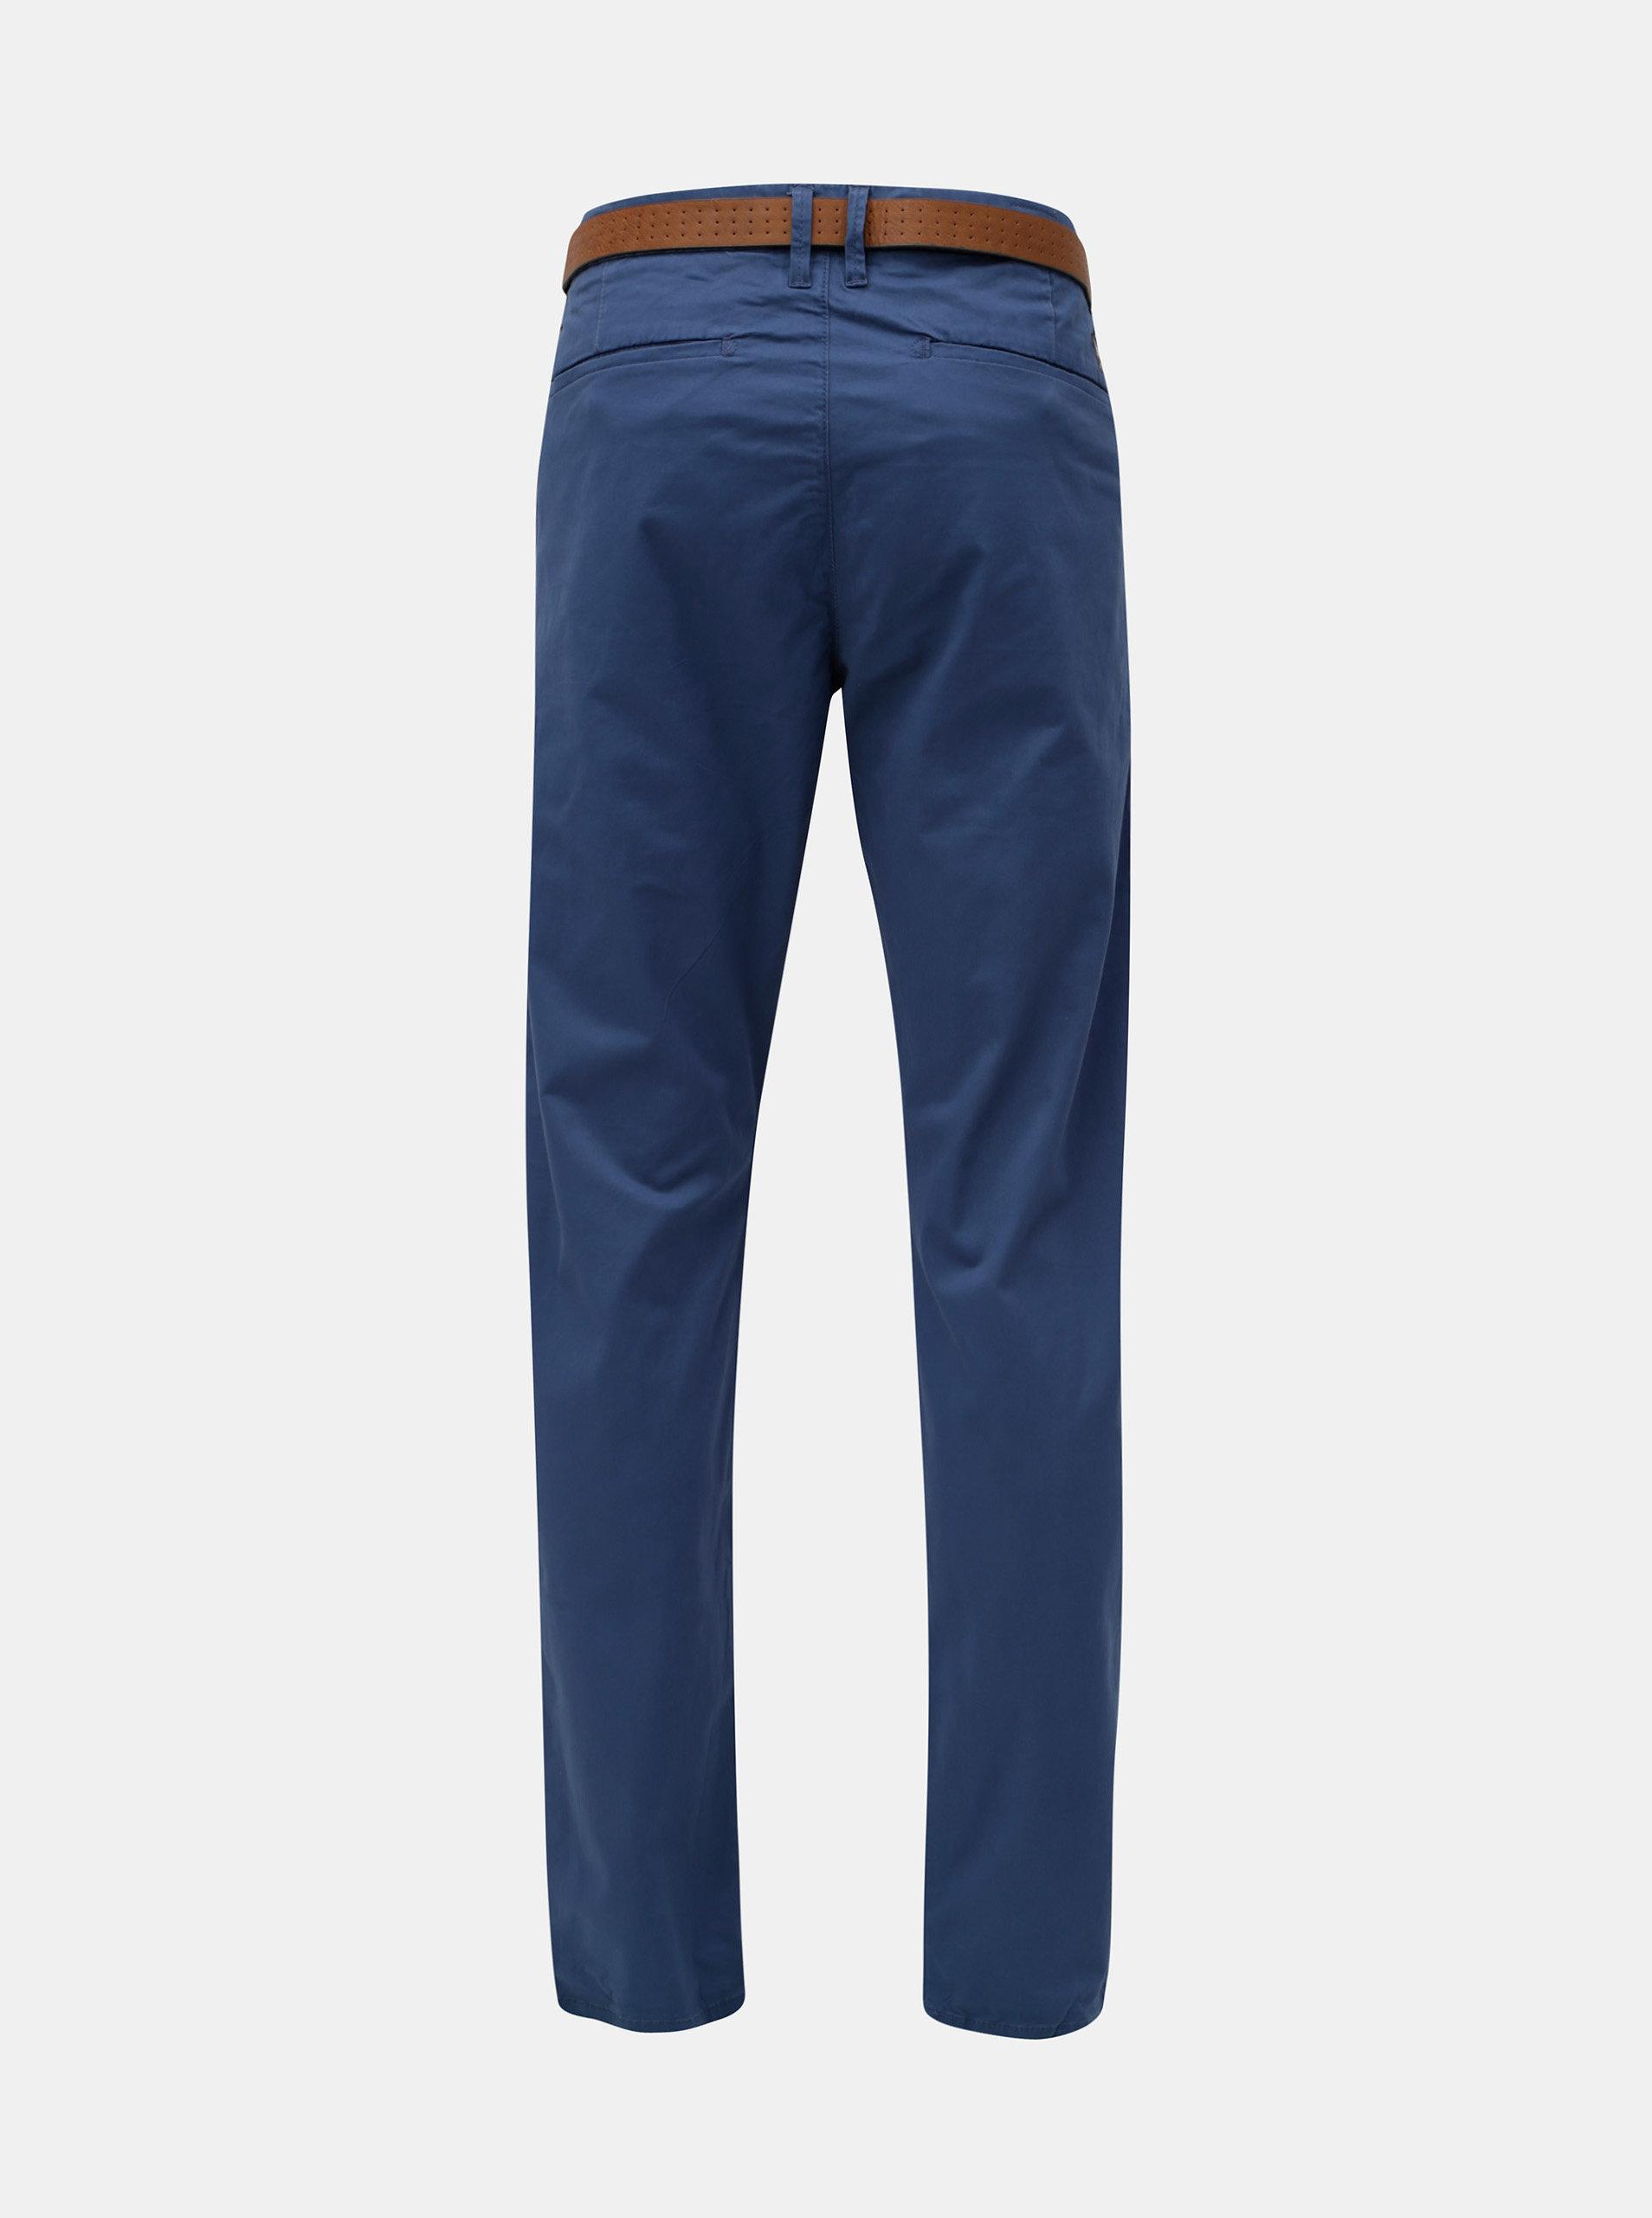 ccb8aa382a12 Modré pánske slim fit straight chino nohavice s opaskom s.Oliver ...